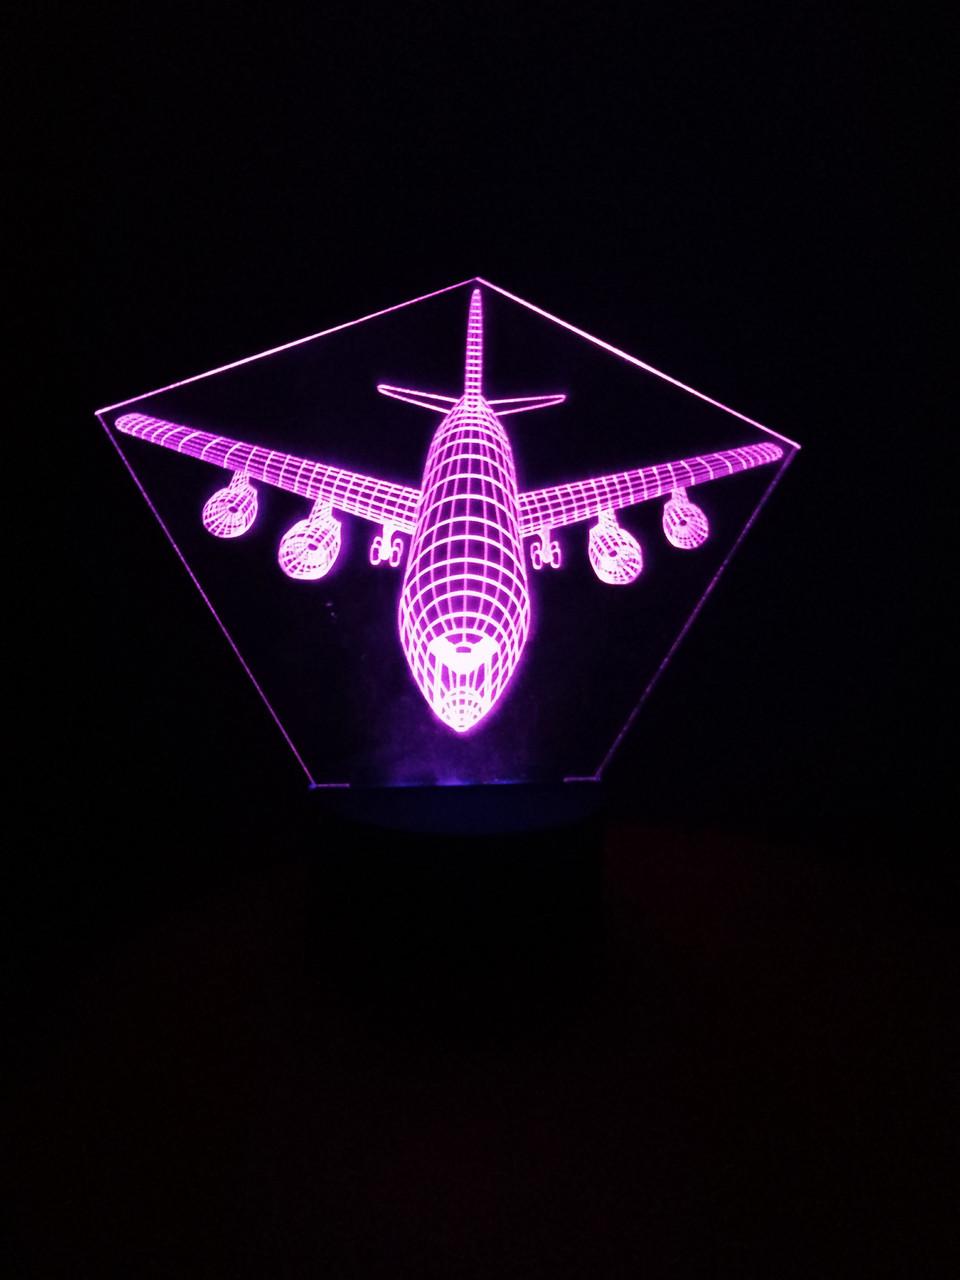 3d-світильник пасажирський Літак, 3д-нічник, кілька підсвічувань (на батарейці)